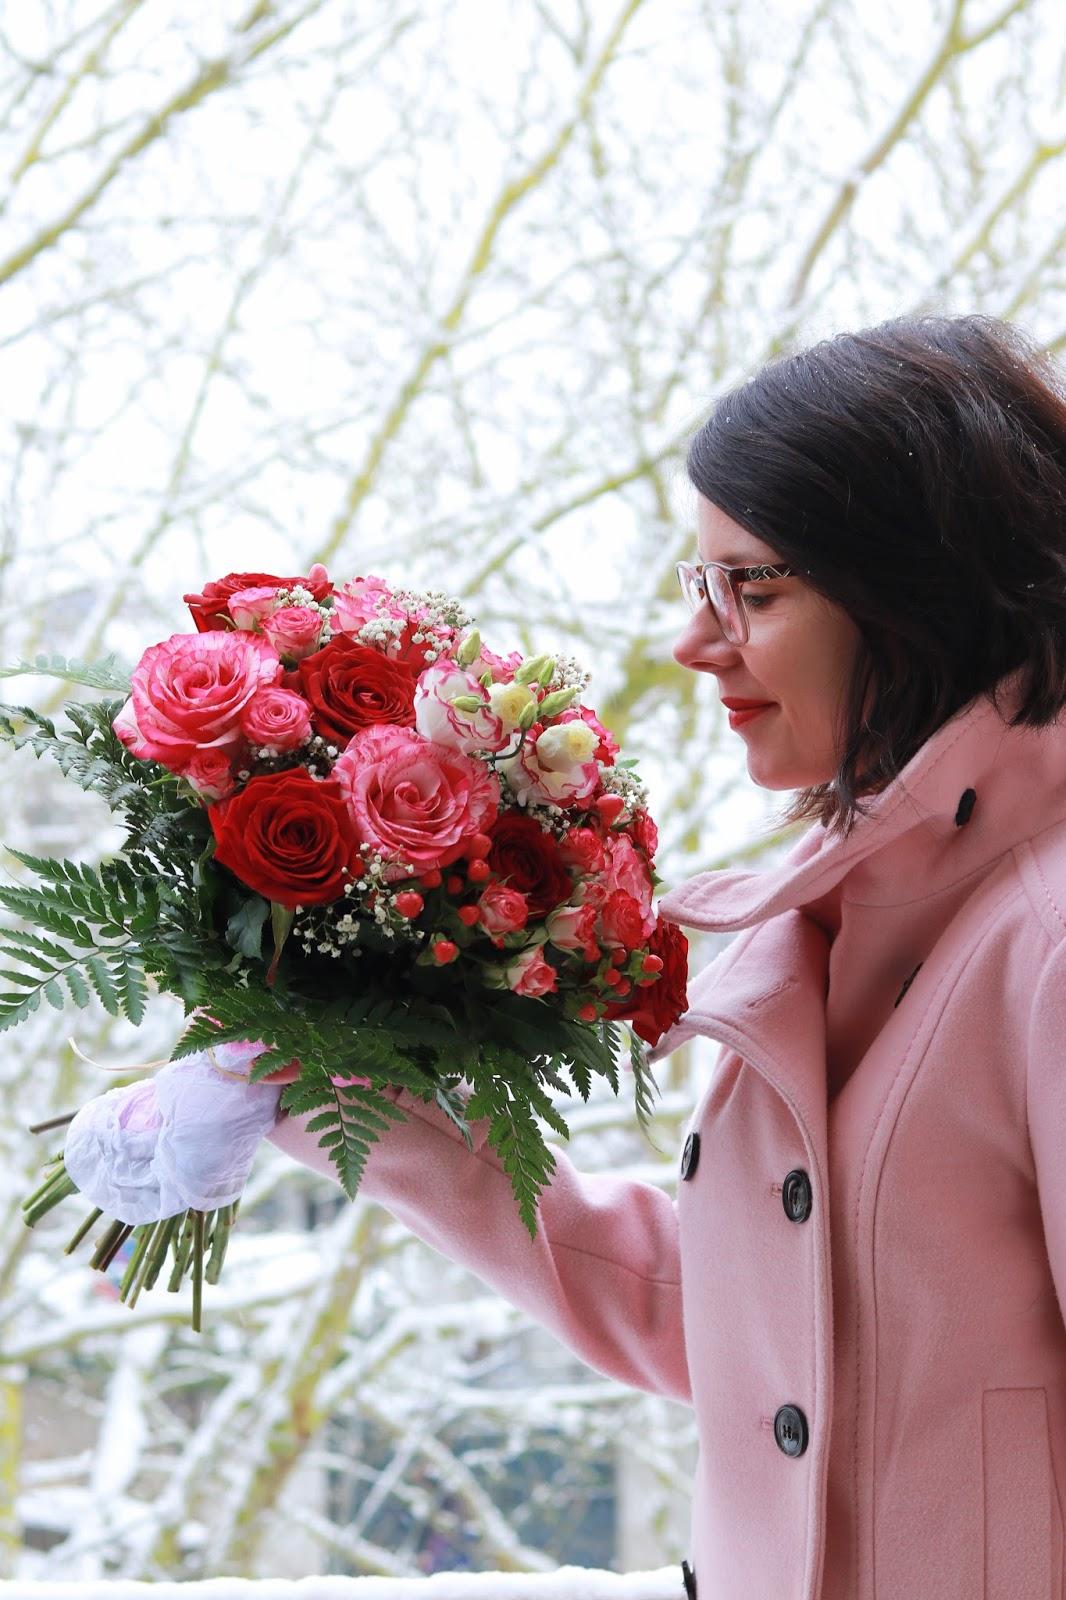 les gommettes de melo interflora fleurs saint valentin roses bouquet offrir amoureux valentine rose rouge